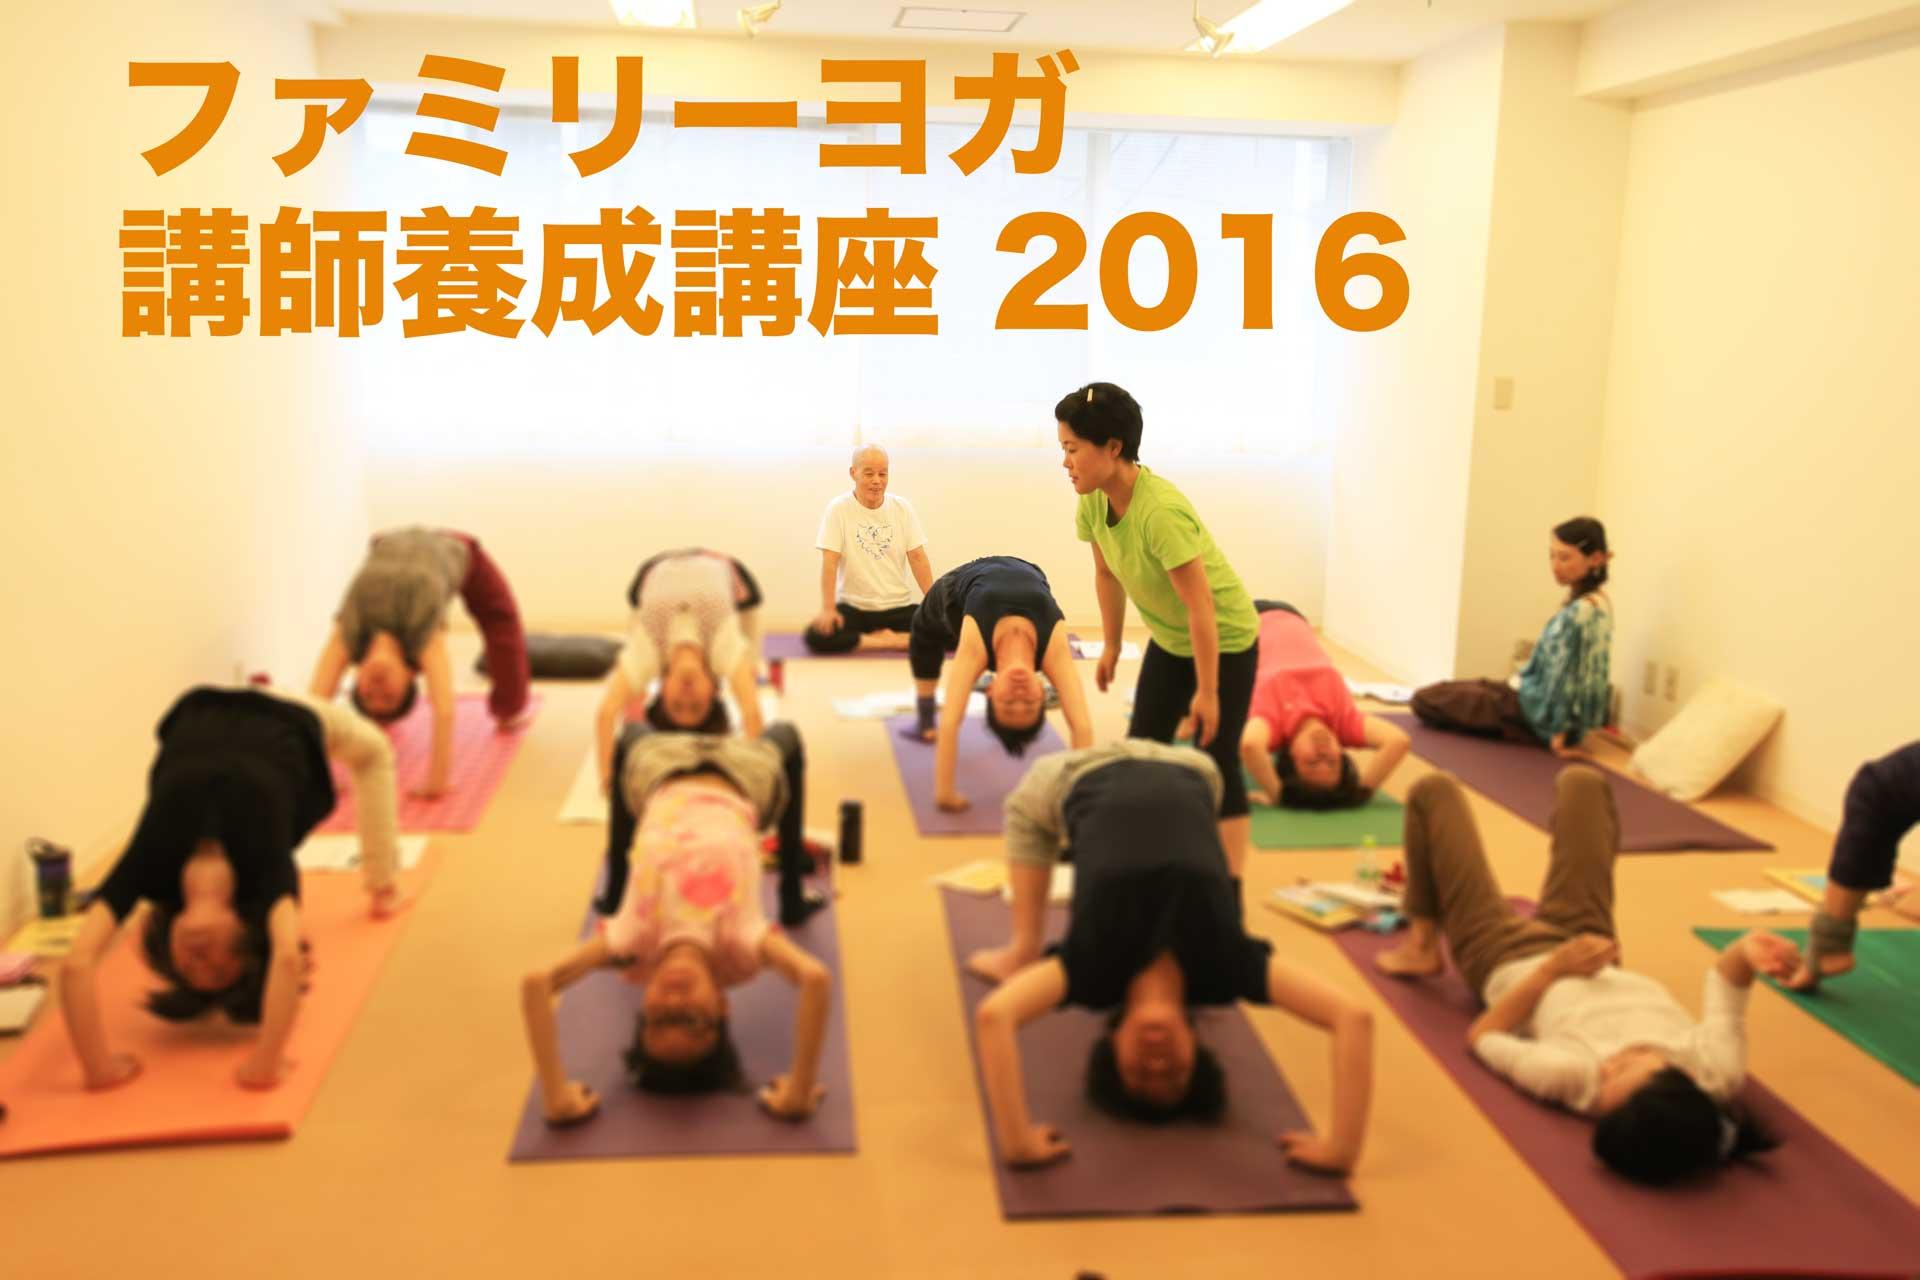 2016/08 ファミリーヨガ インストラクター養成講座 名古屋 4期生募集中